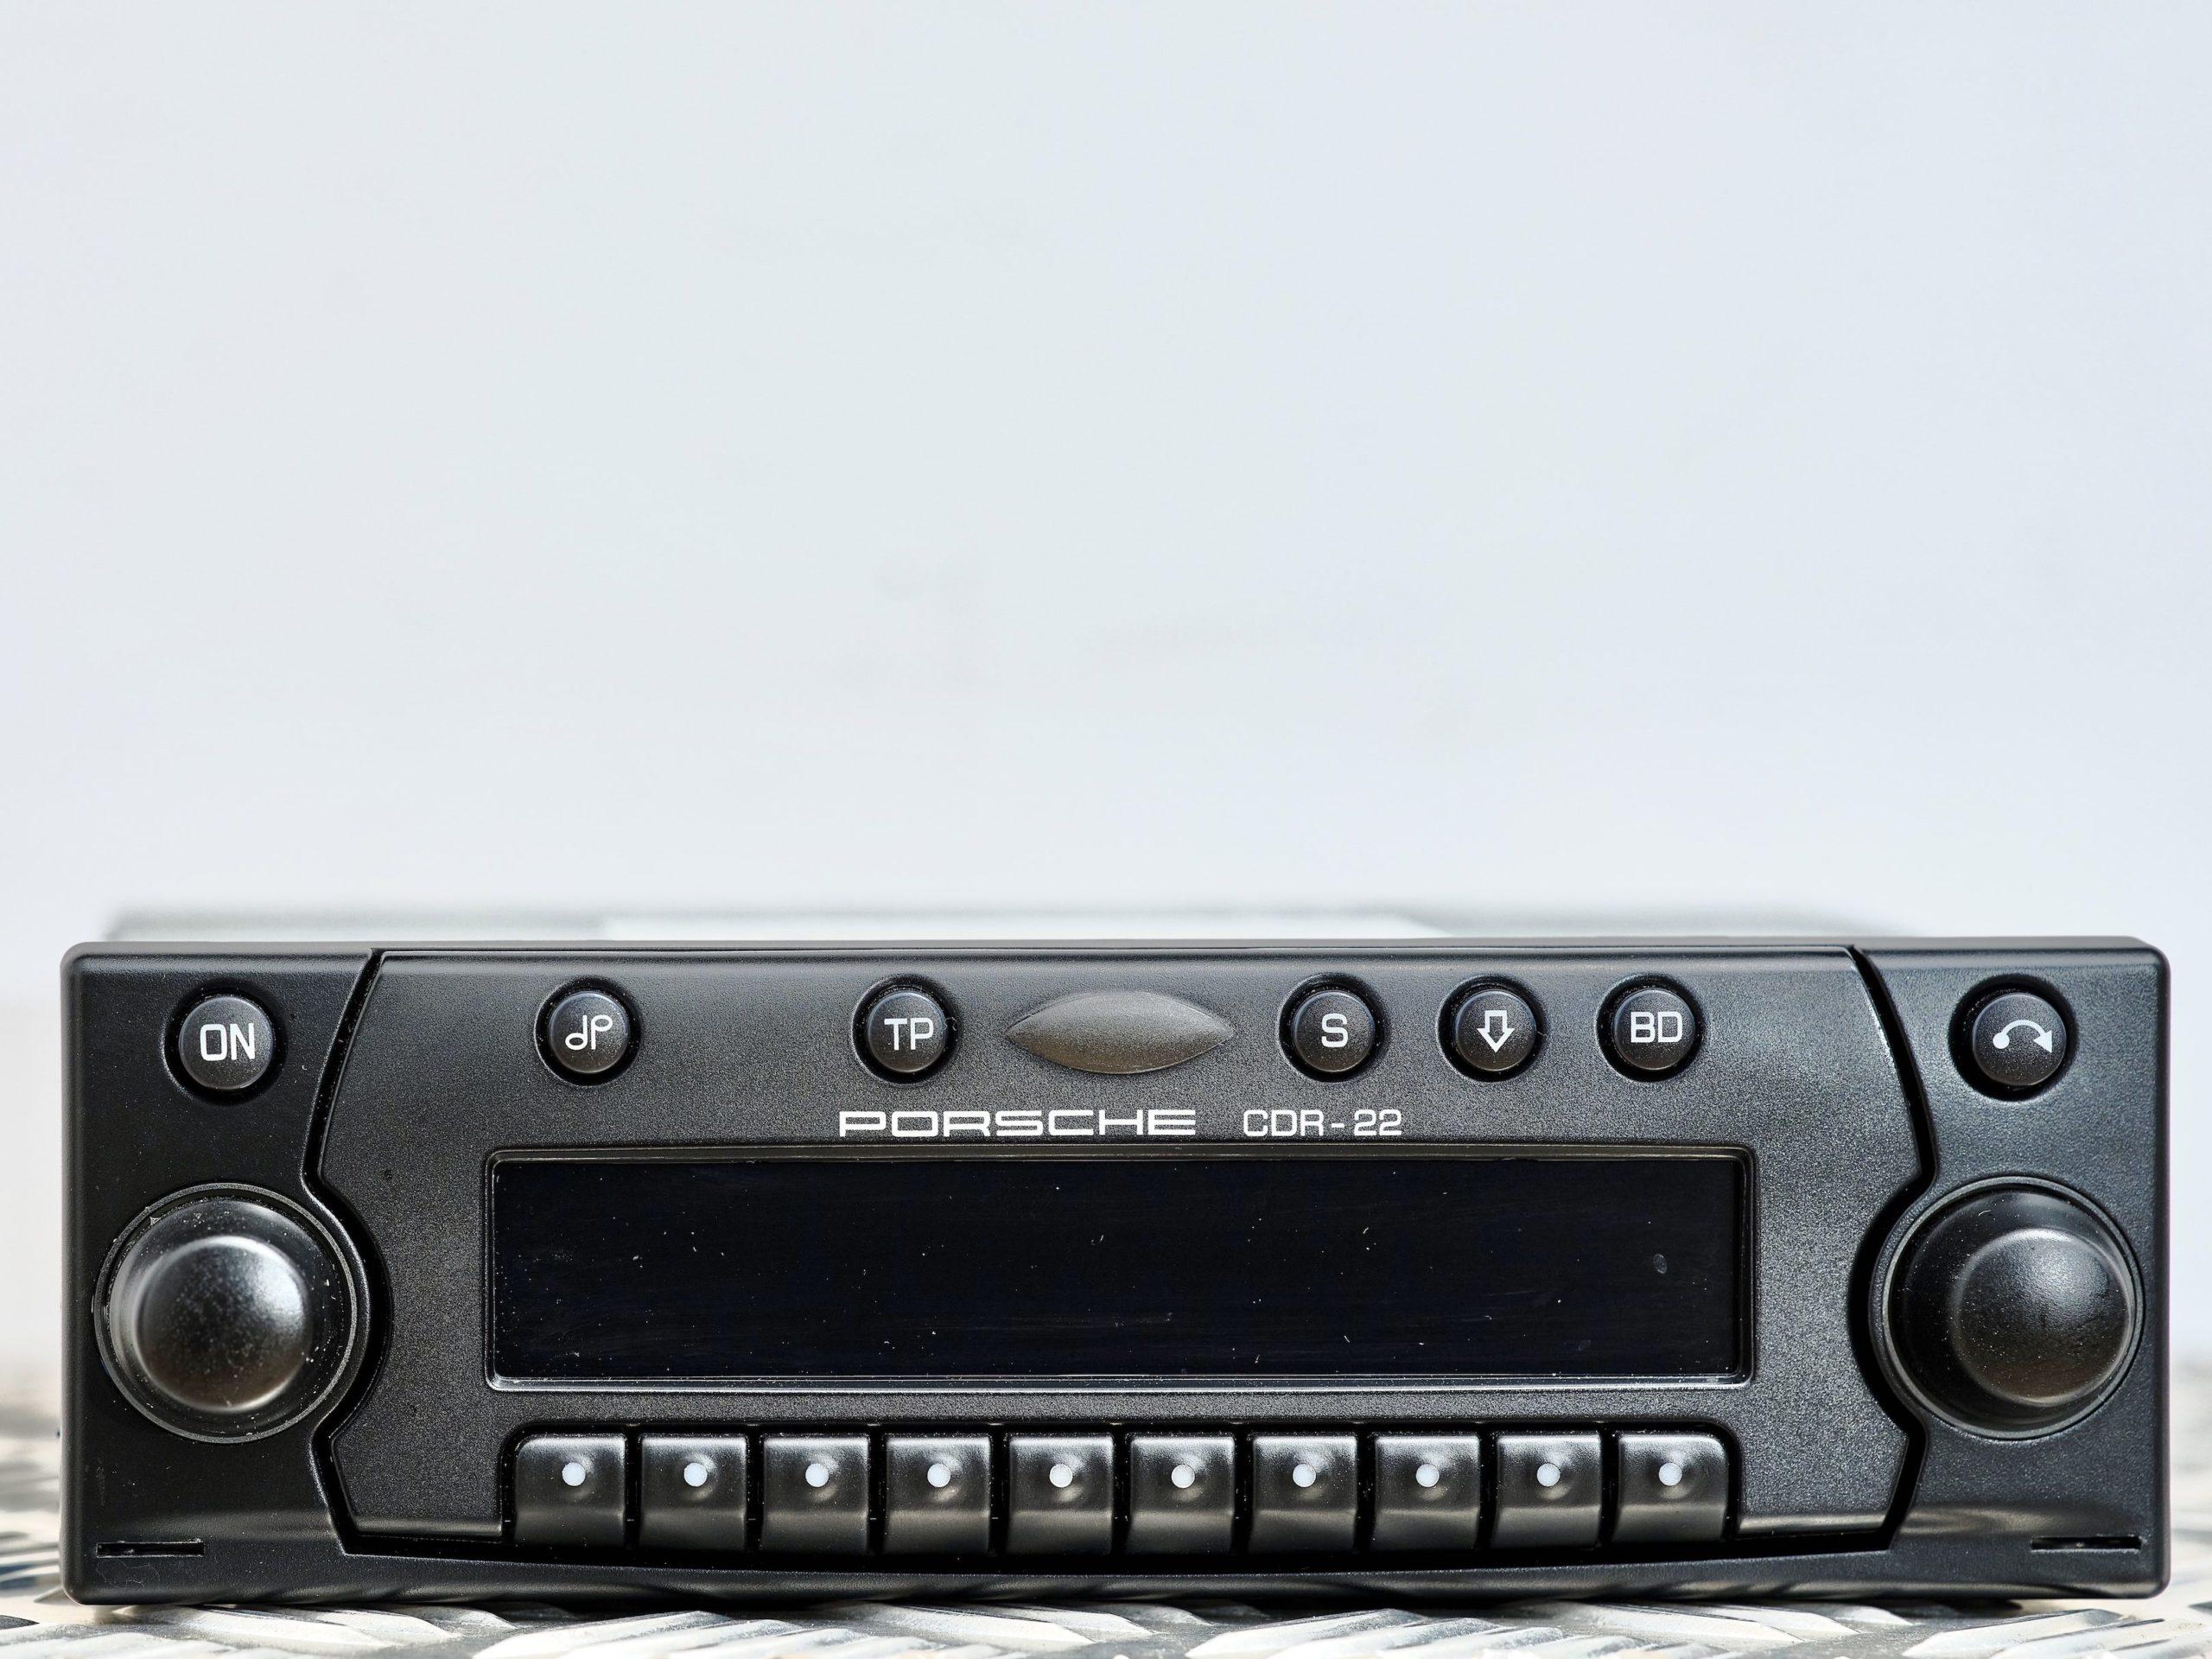 photo de la radio d'une Porsche 996 Turbo de 2002 en Gris Kerguelen - Intérieur Cuir noir en vente chez Classic 42 Spécialiste Vente Porsche Classique Bruxelles